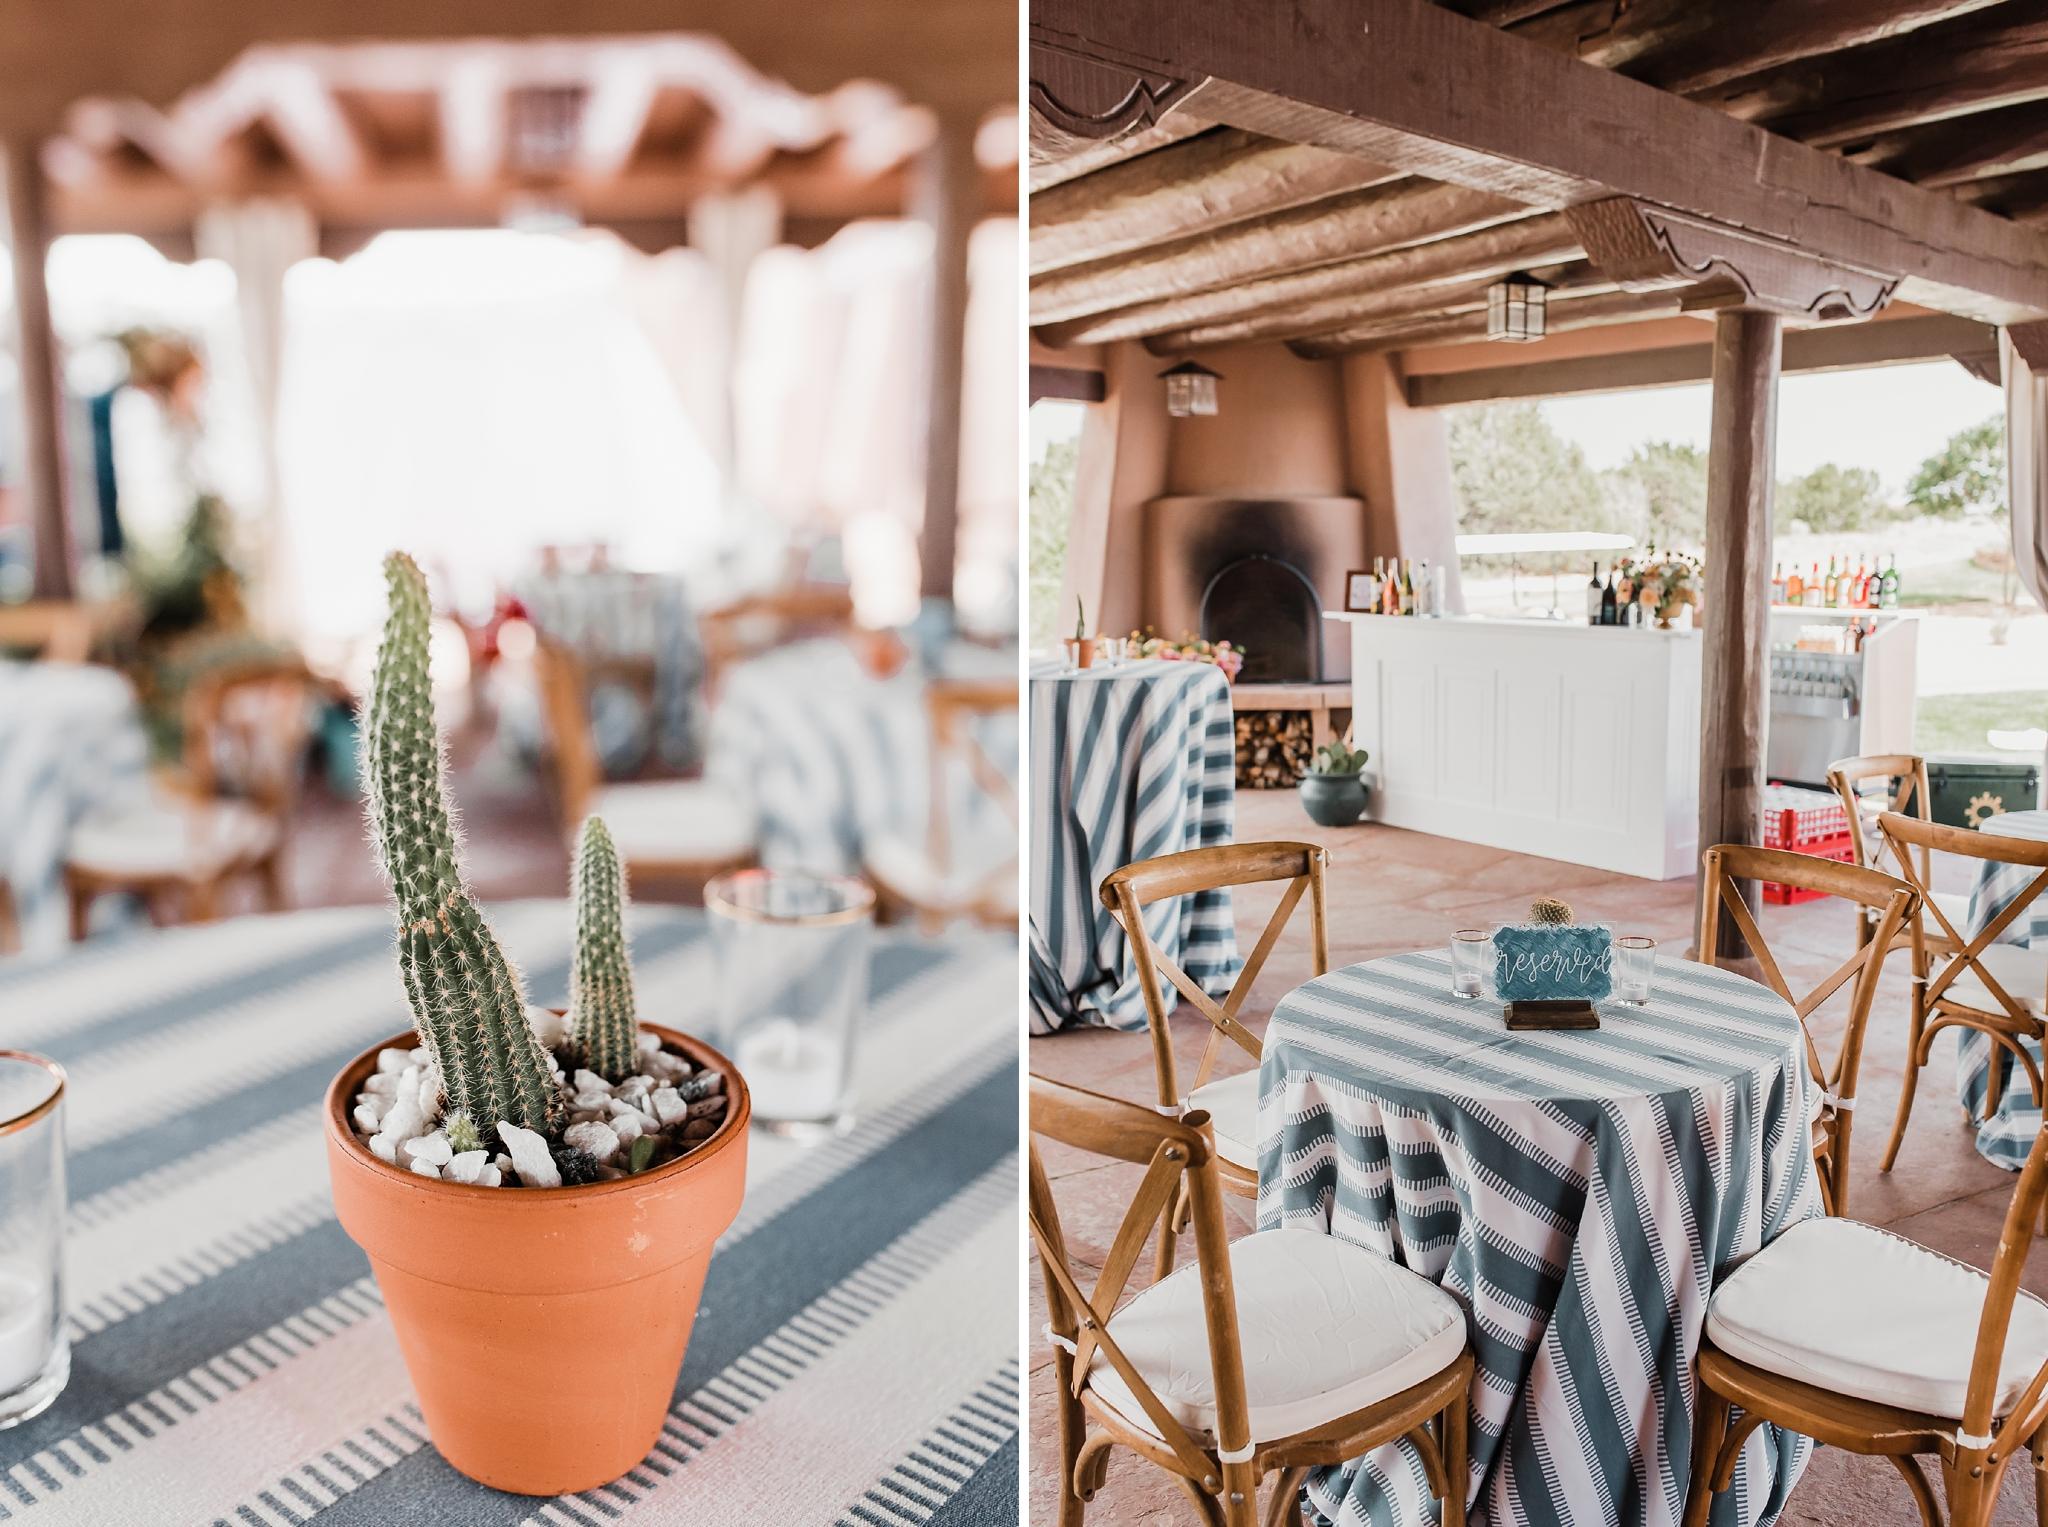 Alicia+lucia+photography+-+albuquerque+wedding+photographer+-+santa+fe+wedding+photography+-+new+mexico+wedding+photographer+-+new+mexico+wedding+-+las+campanas+wedding+-+santa+fe+wedding+-+maximalist+wedding+-+destination+wedding_0118.jpg